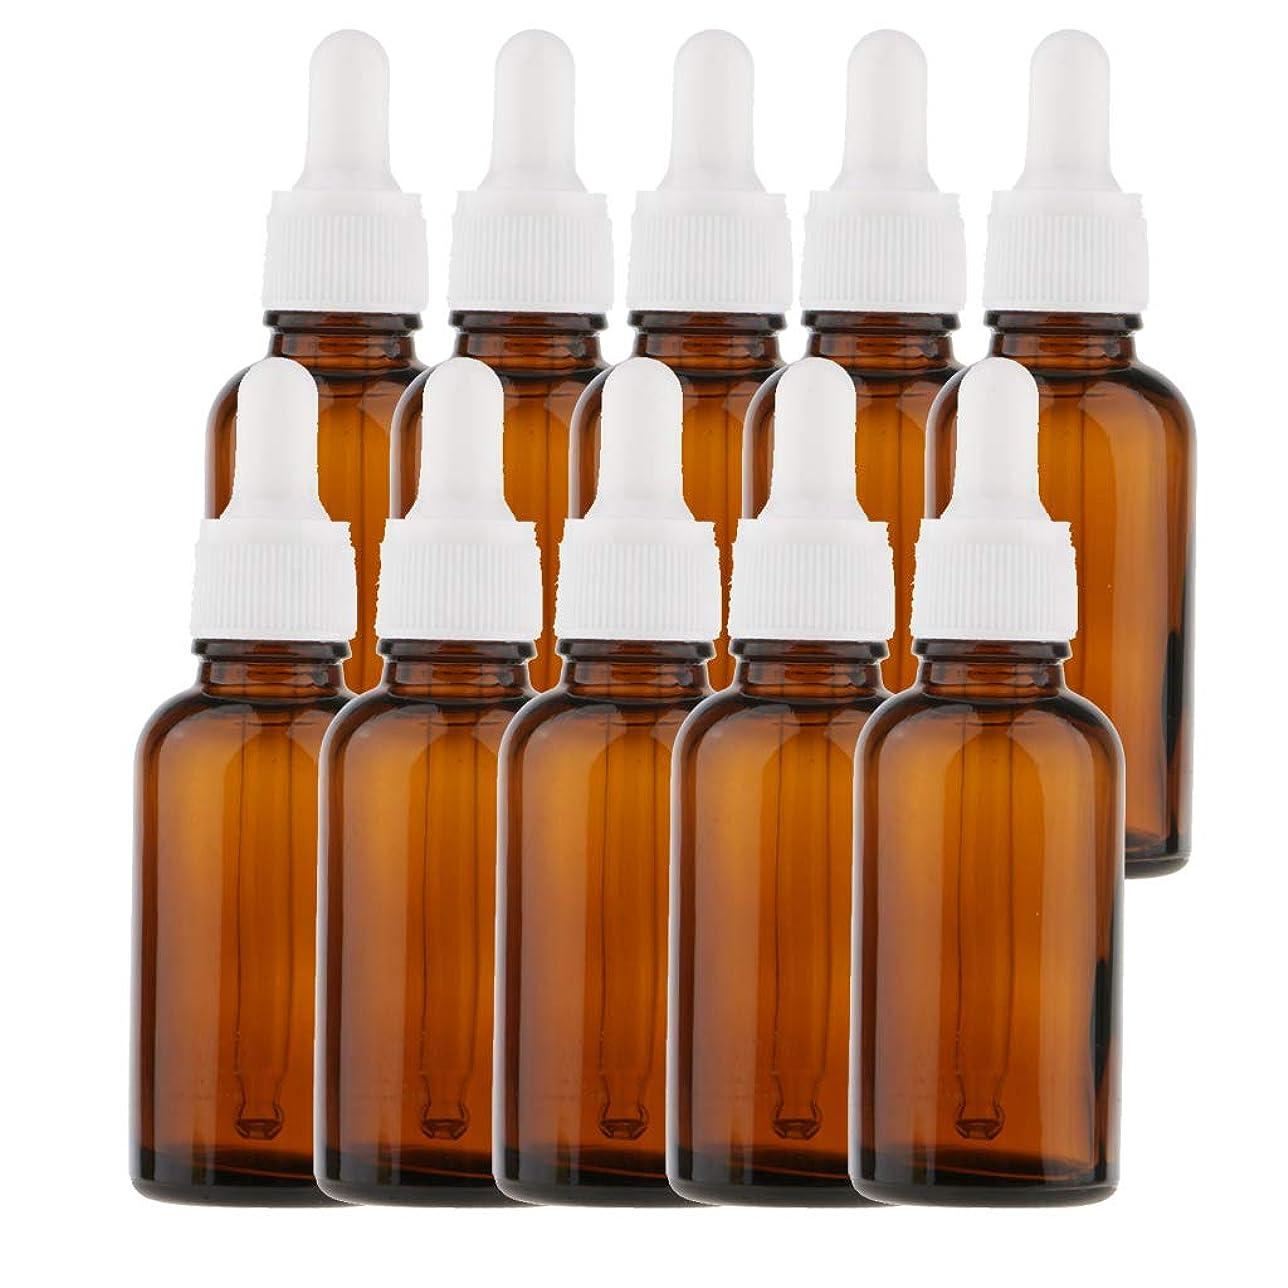 飼い慣らすせせらぎバケツFenteer 10個 オイルボトル 空ボトル ガラス コスメ用 詰替え ドロッパー バイアル チューブ 旅行小物 5サイズ選べる - 30ml